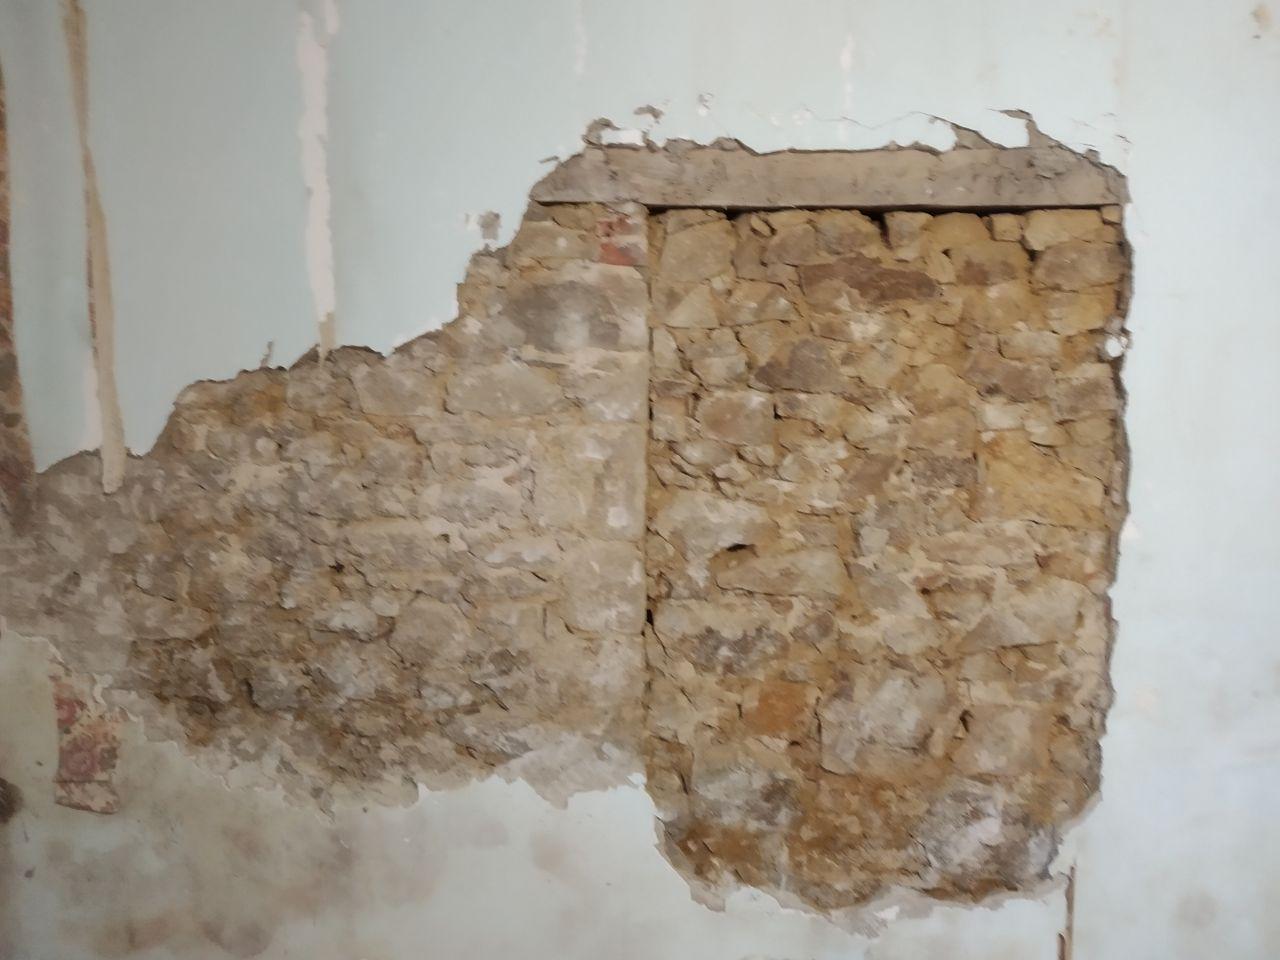 Opération piquetage des murs intérieurs et découverte d'une porte